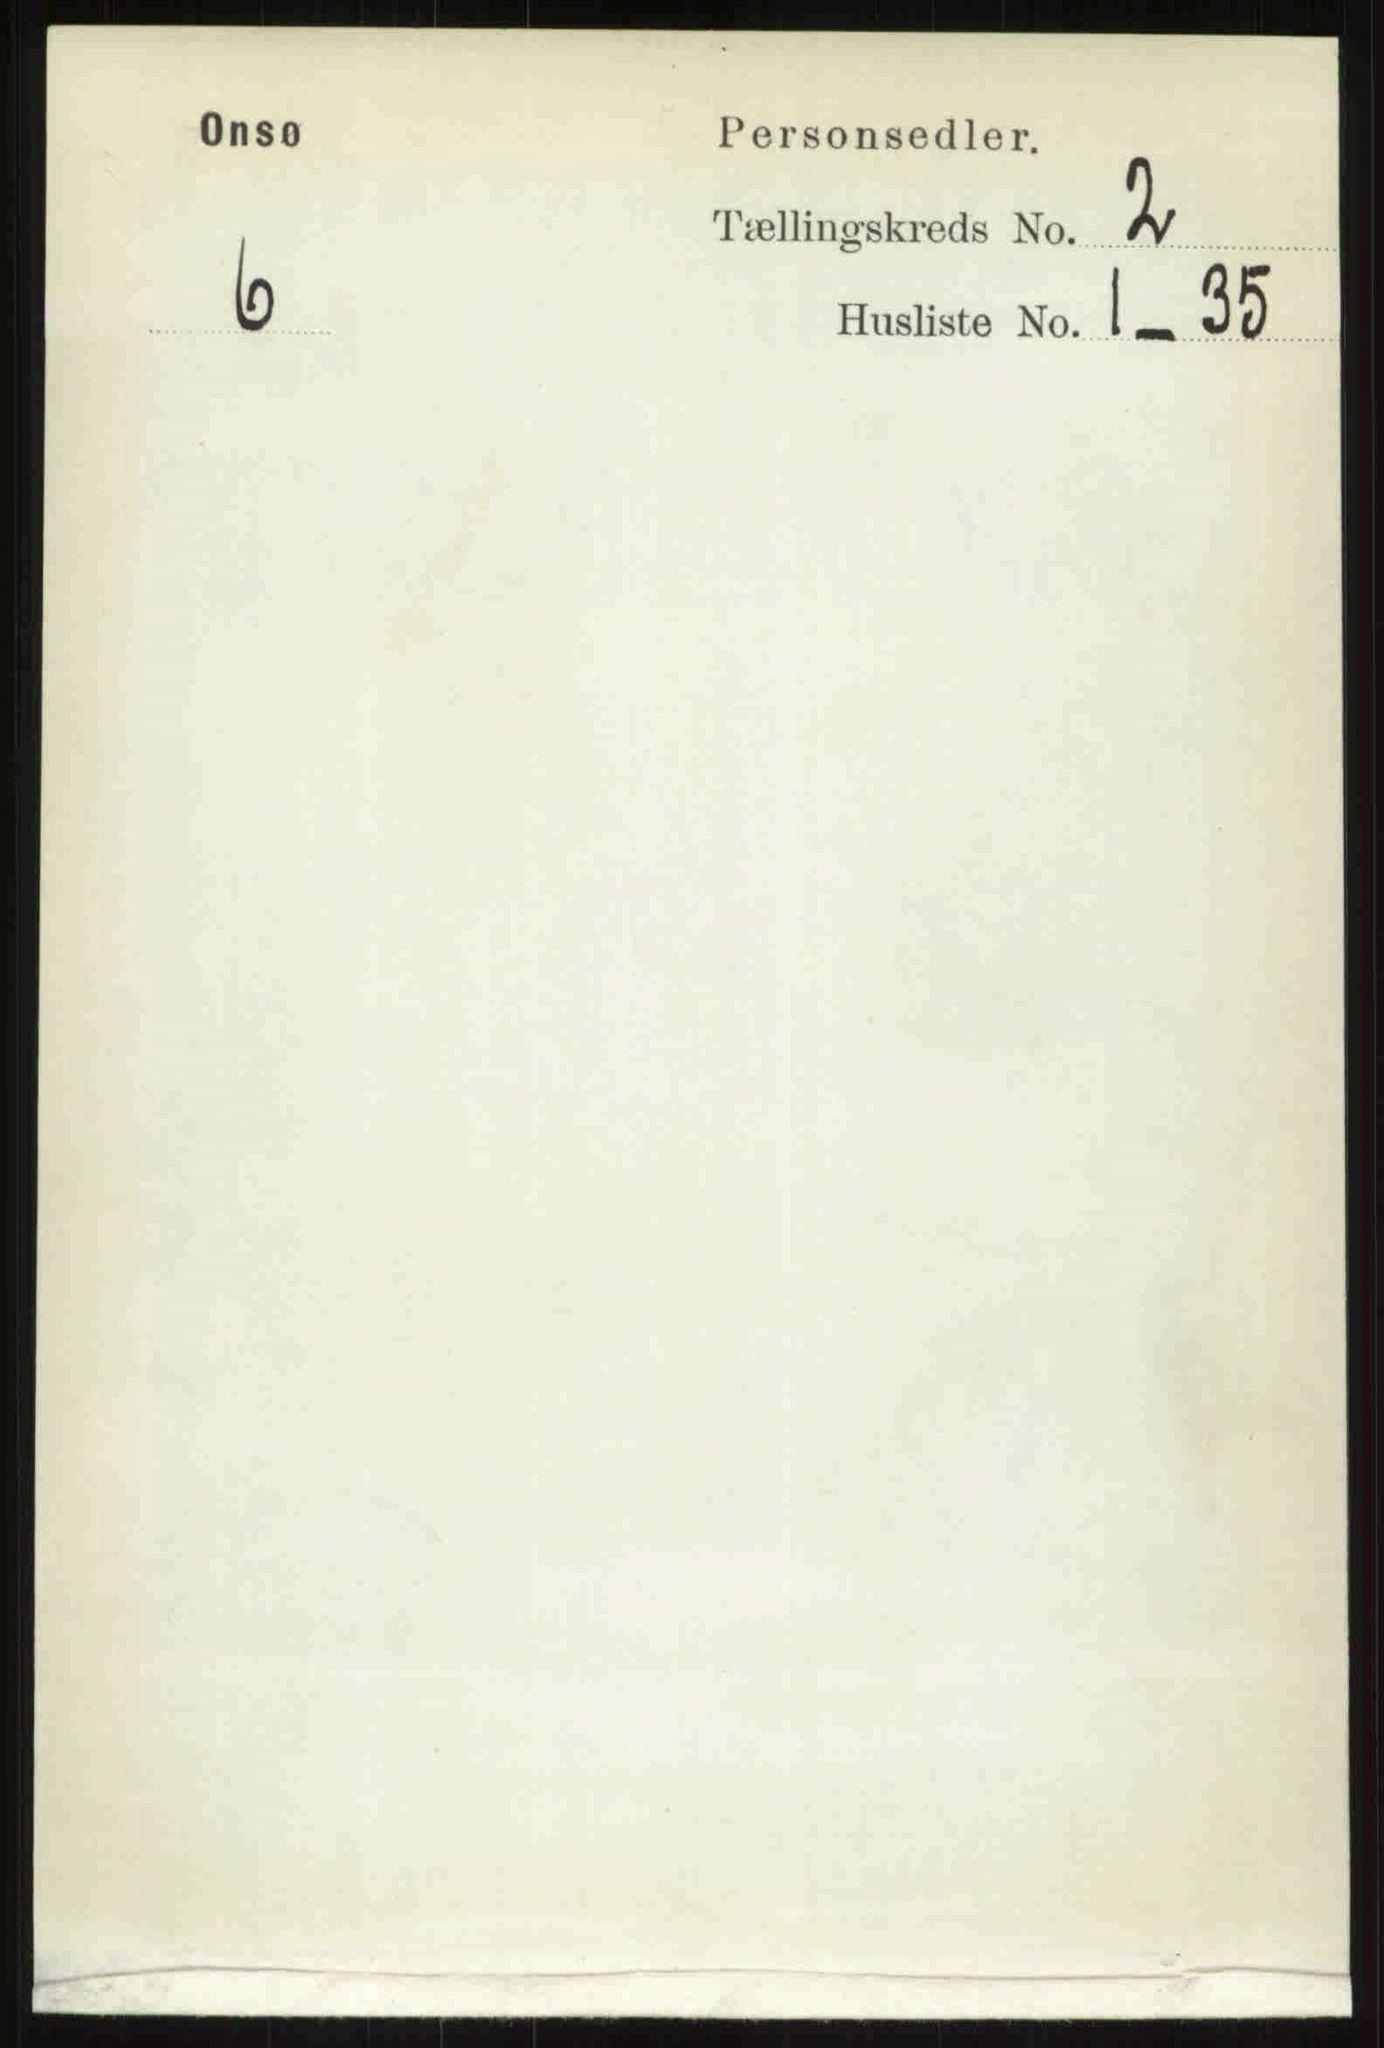 RA, Folketelling 1891 for 0134 Onsøy herred, 1891, s. 1000